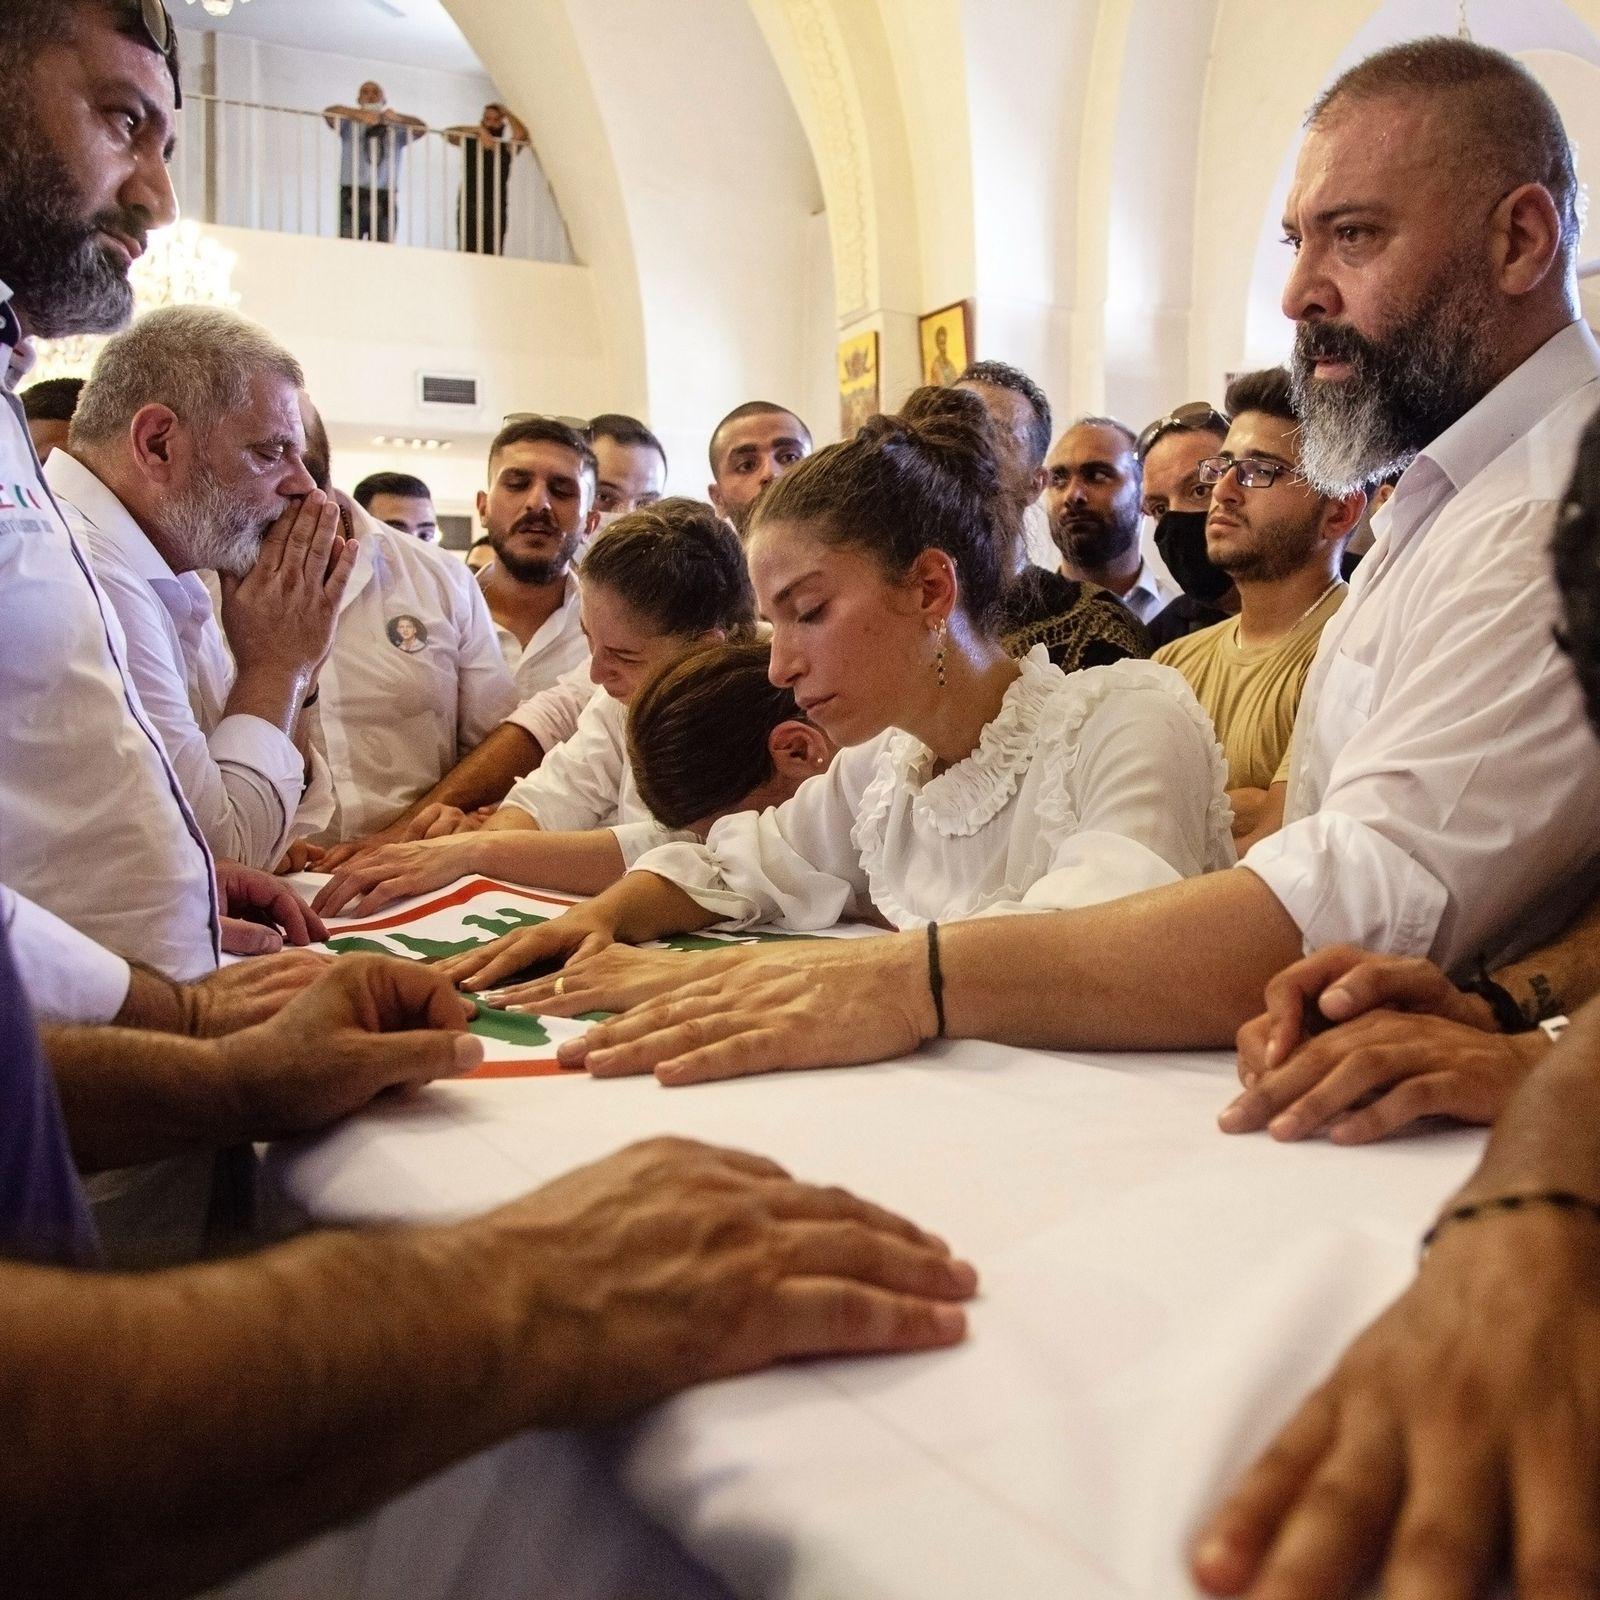 Liban : pourquoi chaque génération est-elle destinée à vivre les mêmes drames ?